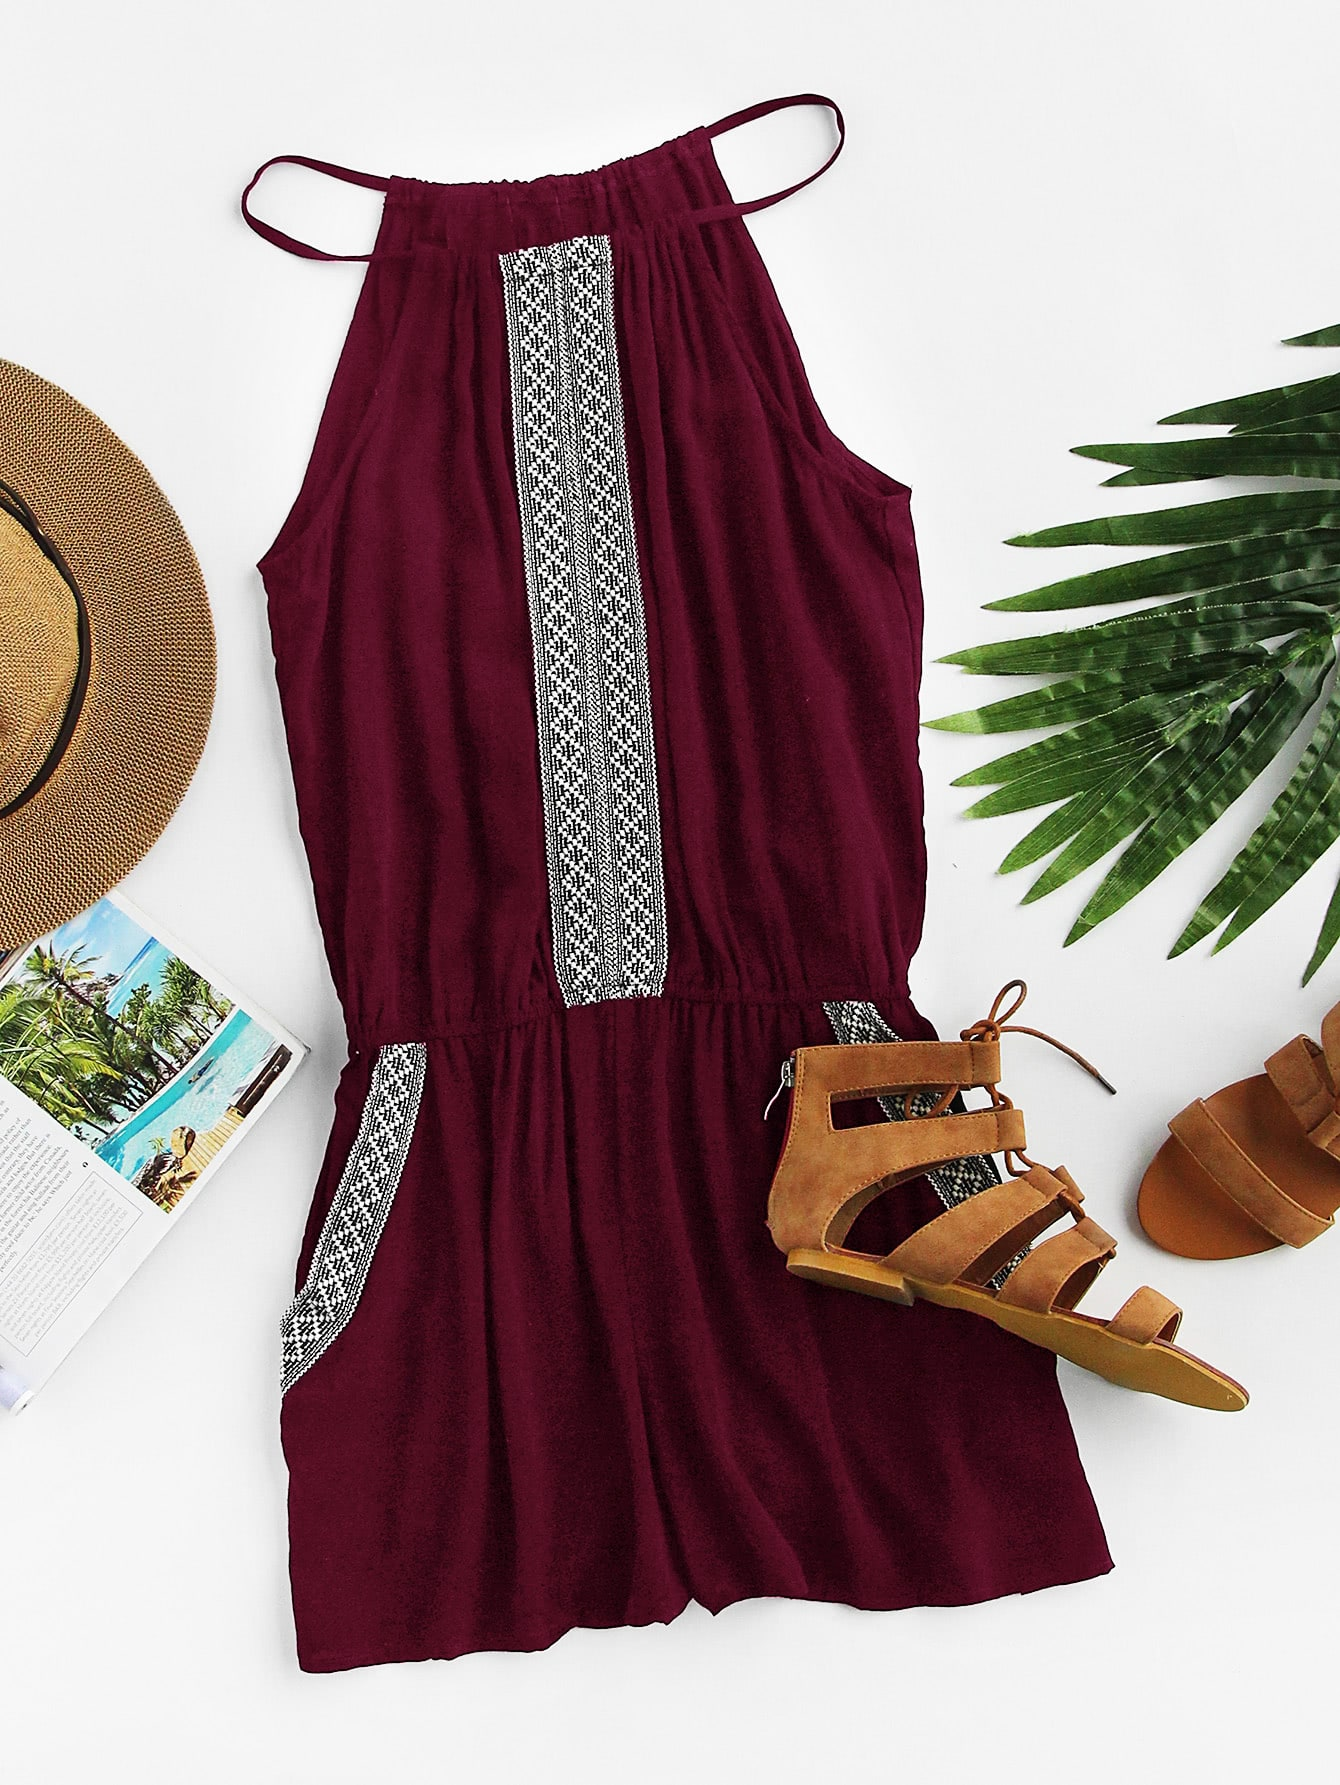 Фото - Модный комбинезон на бретельках с вышивкой от SheIn бордового цвета